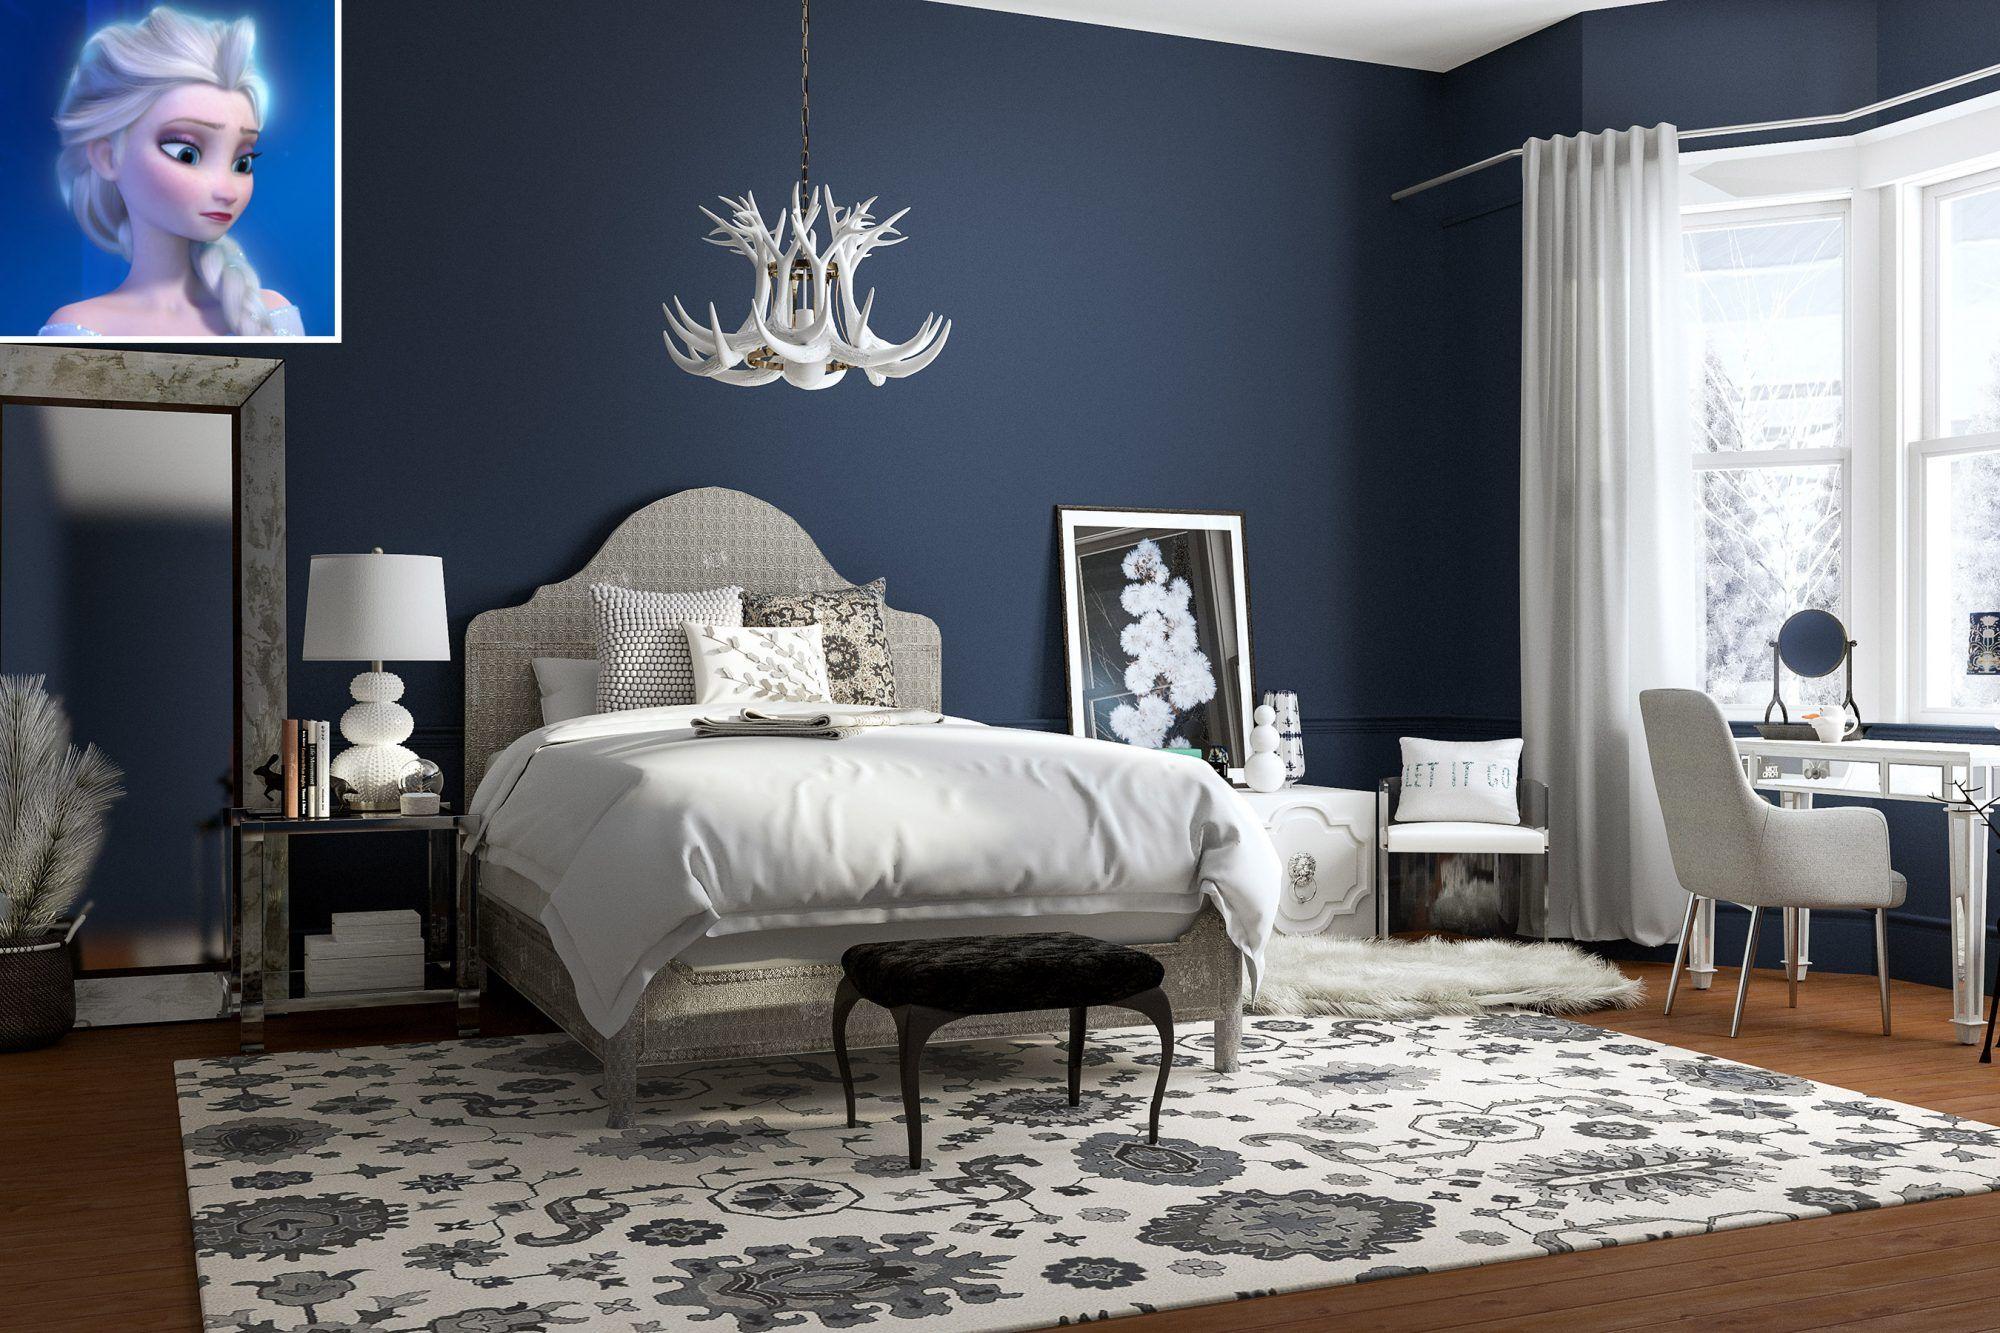 disneyprincess inspired bedrooms  scandinavian style